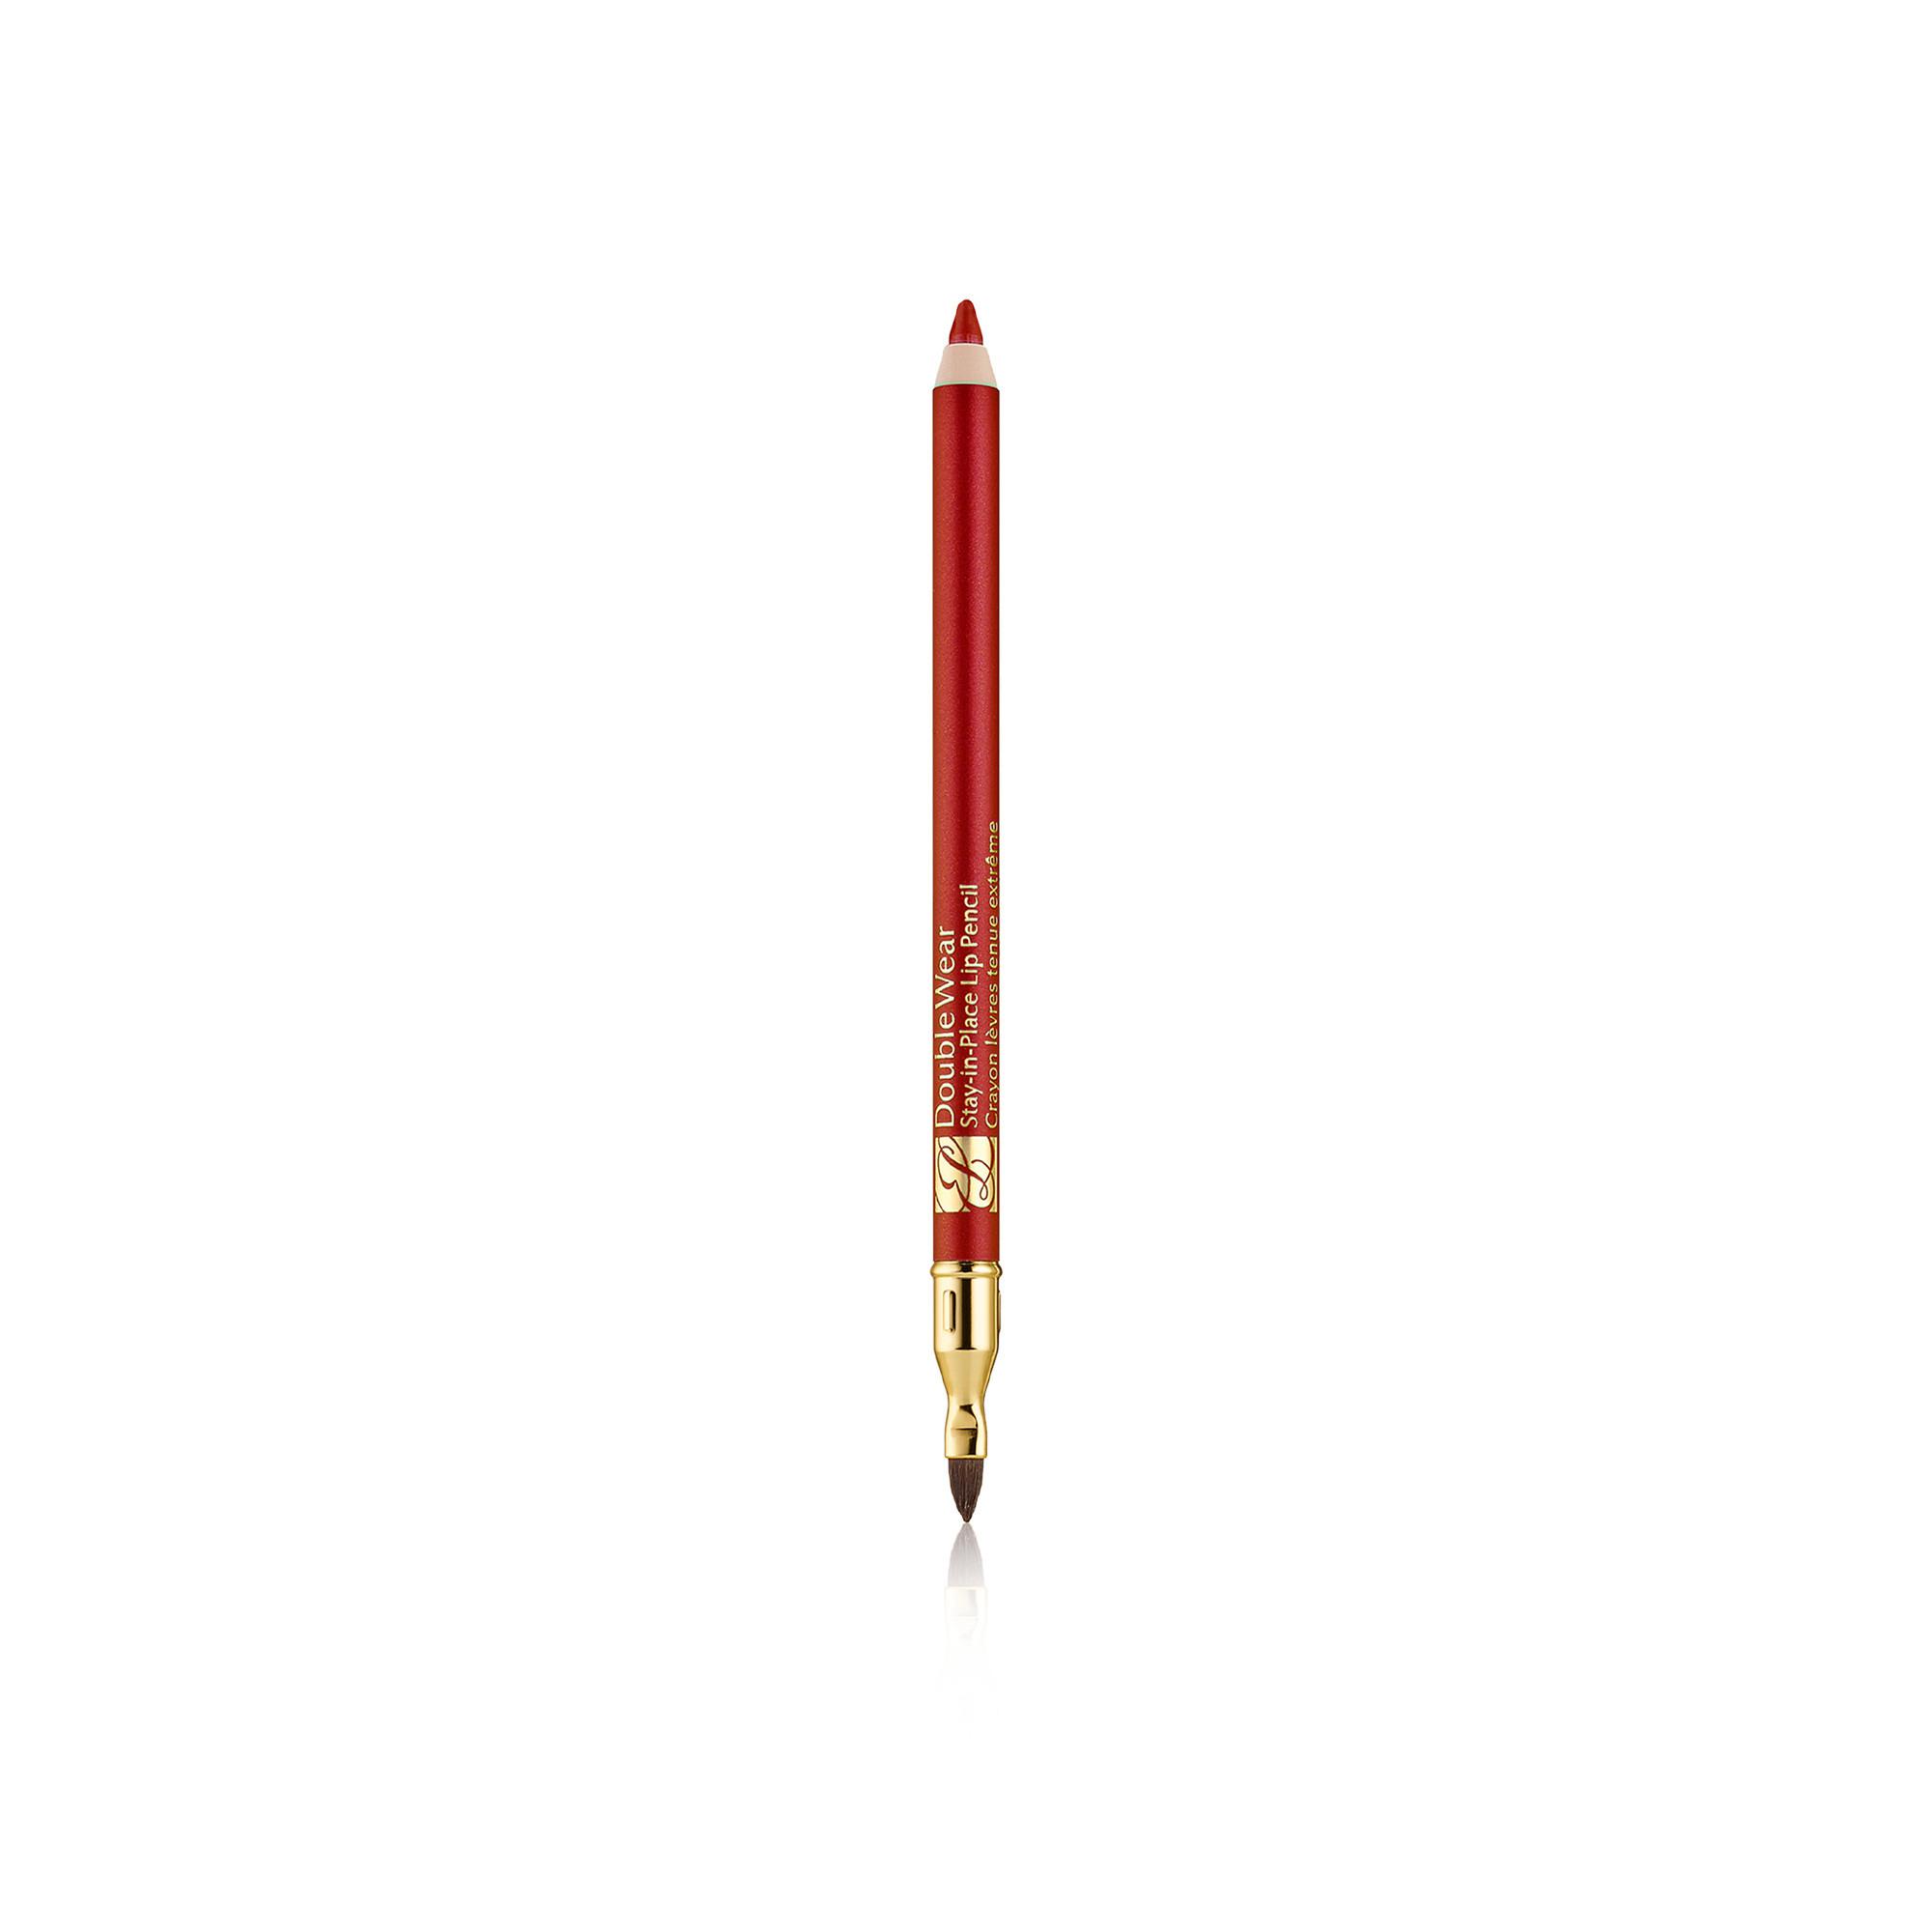 Estée Lauder double wear stay-in-place lip pencil - brick 1,2 g, BRICK, large image number 2